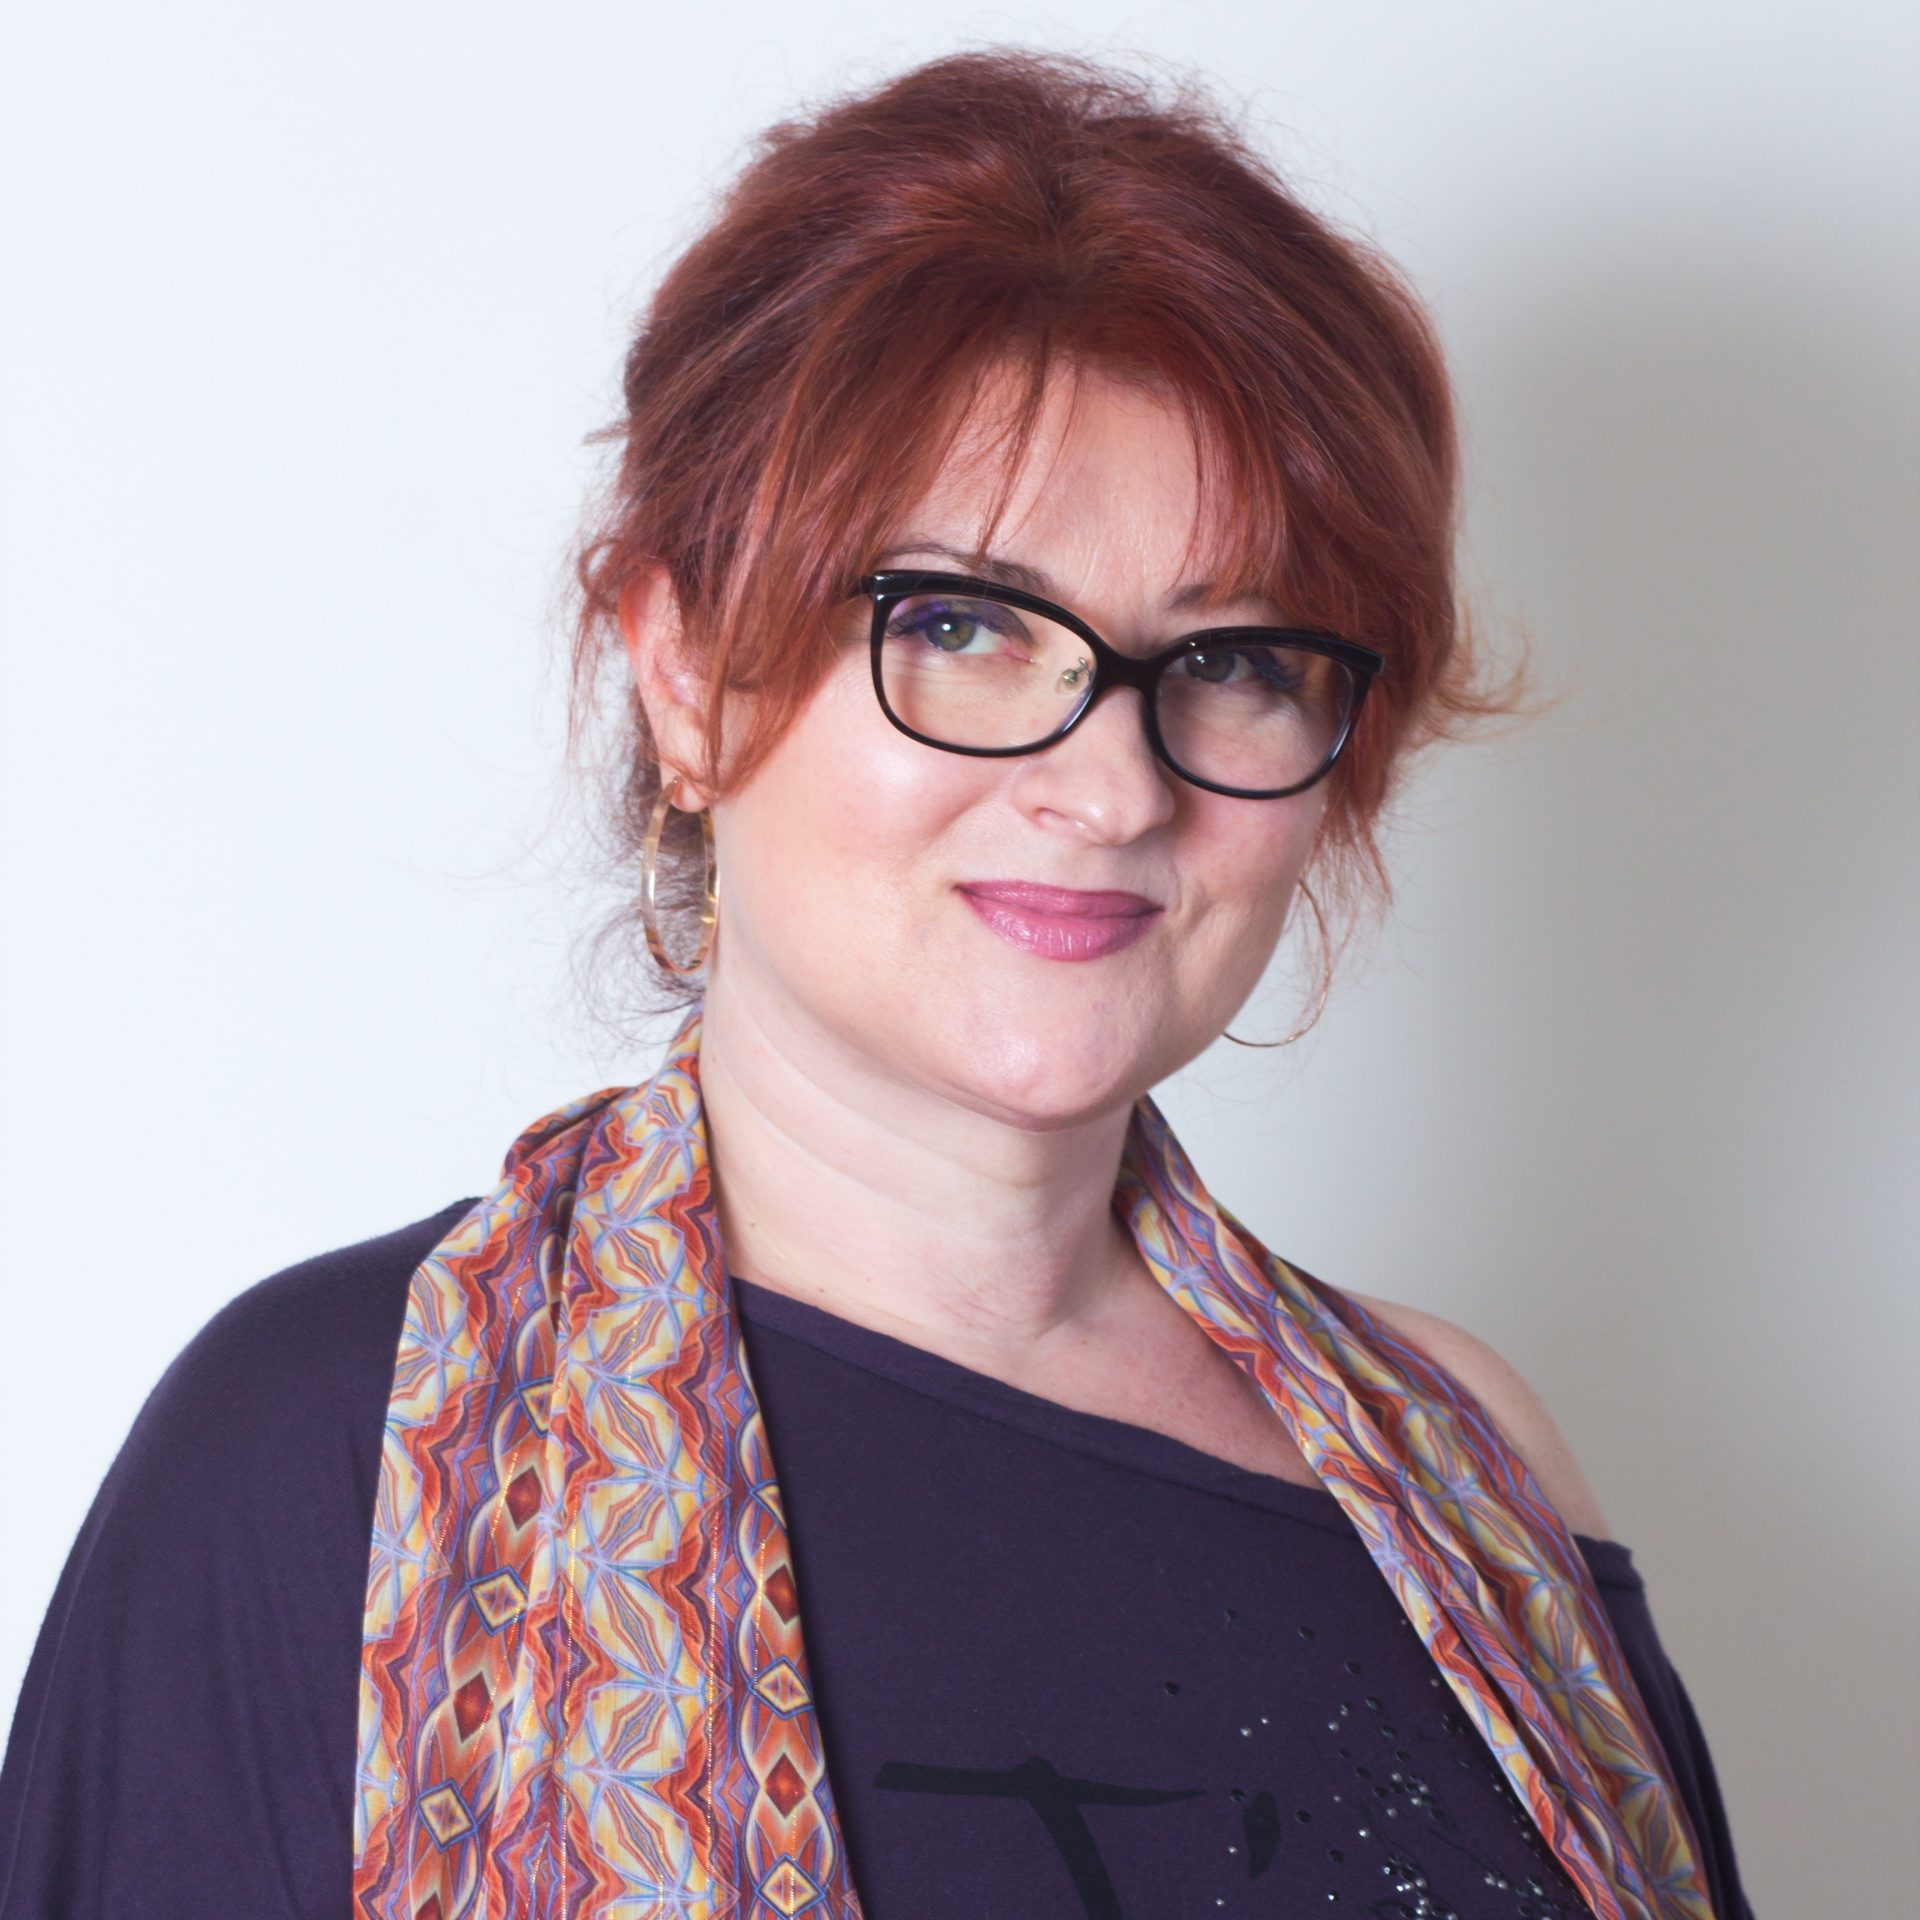 Lana Gurevich